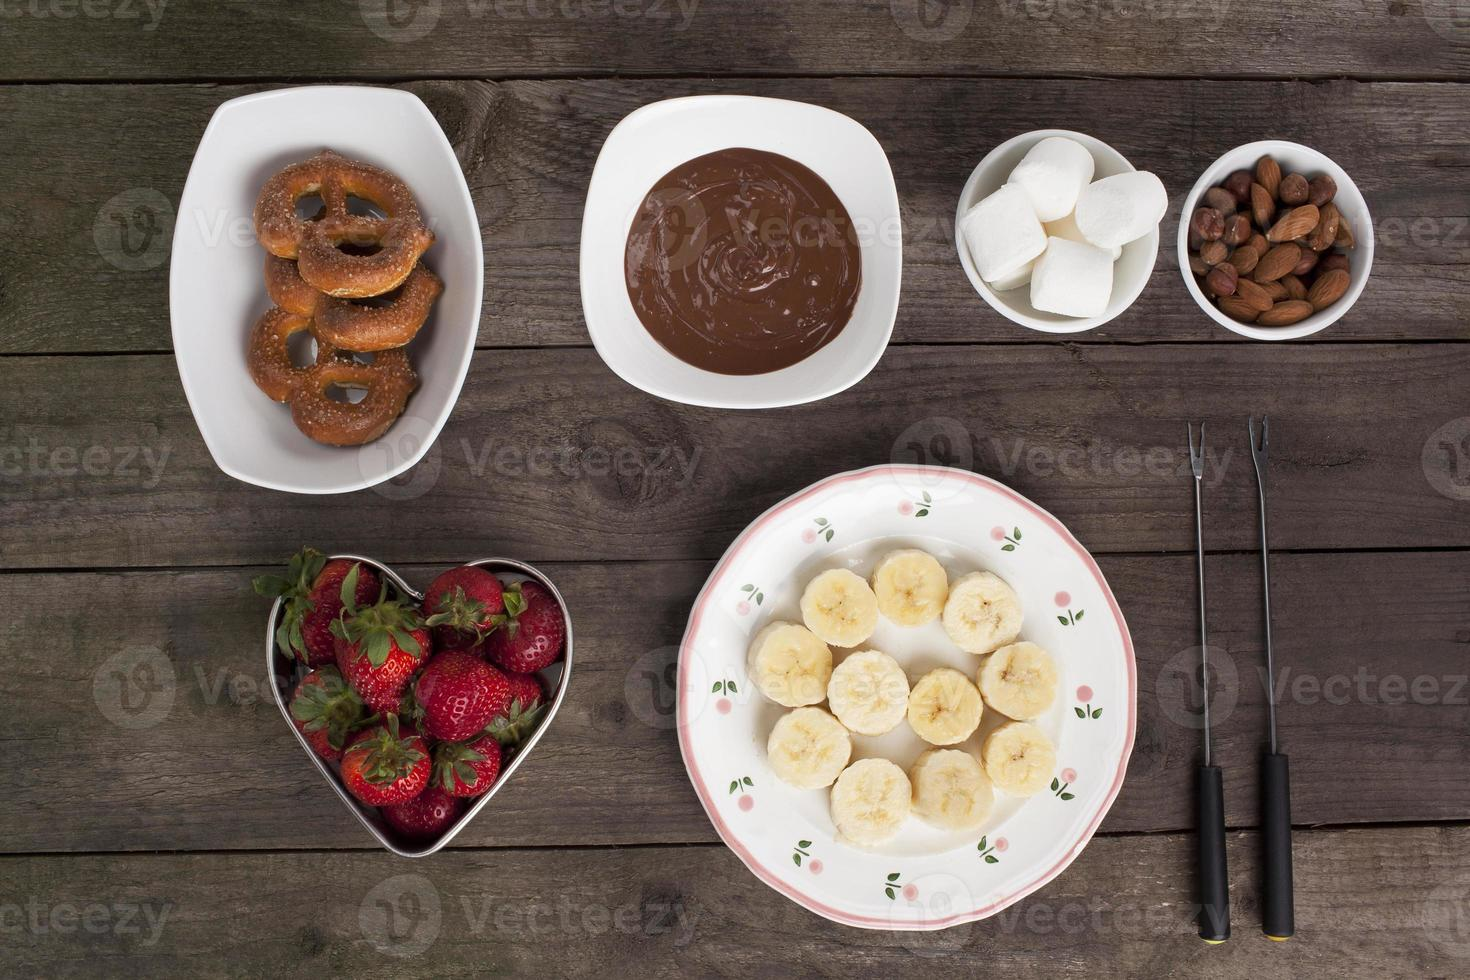 chocolates frutas e biscoitos em cima da mesa de madeira foto